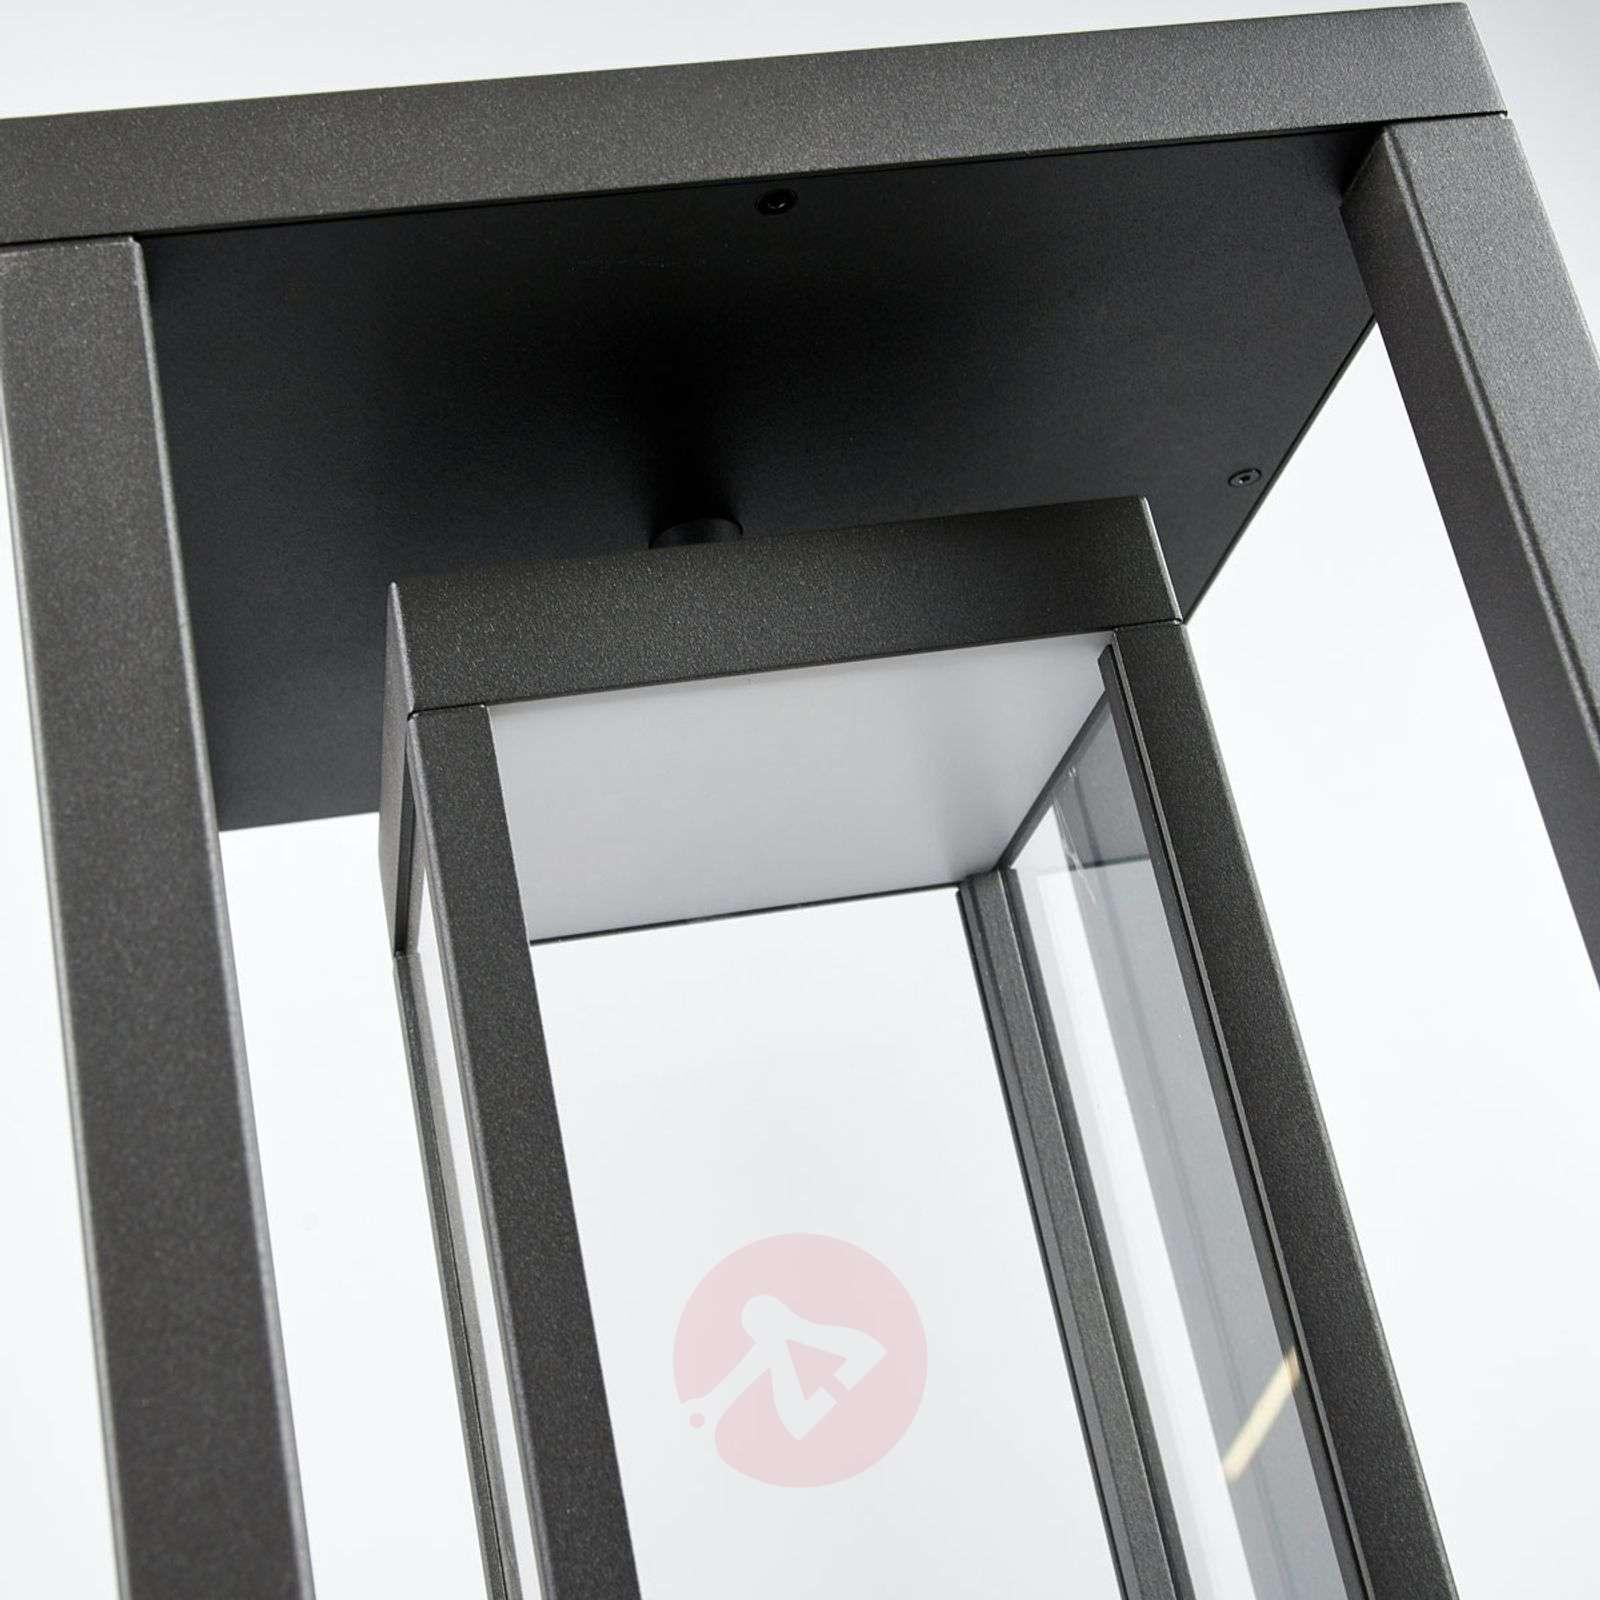 Moderni LED-pylväsvalaisin Ferdinand, tummanharmaa-9619152-01